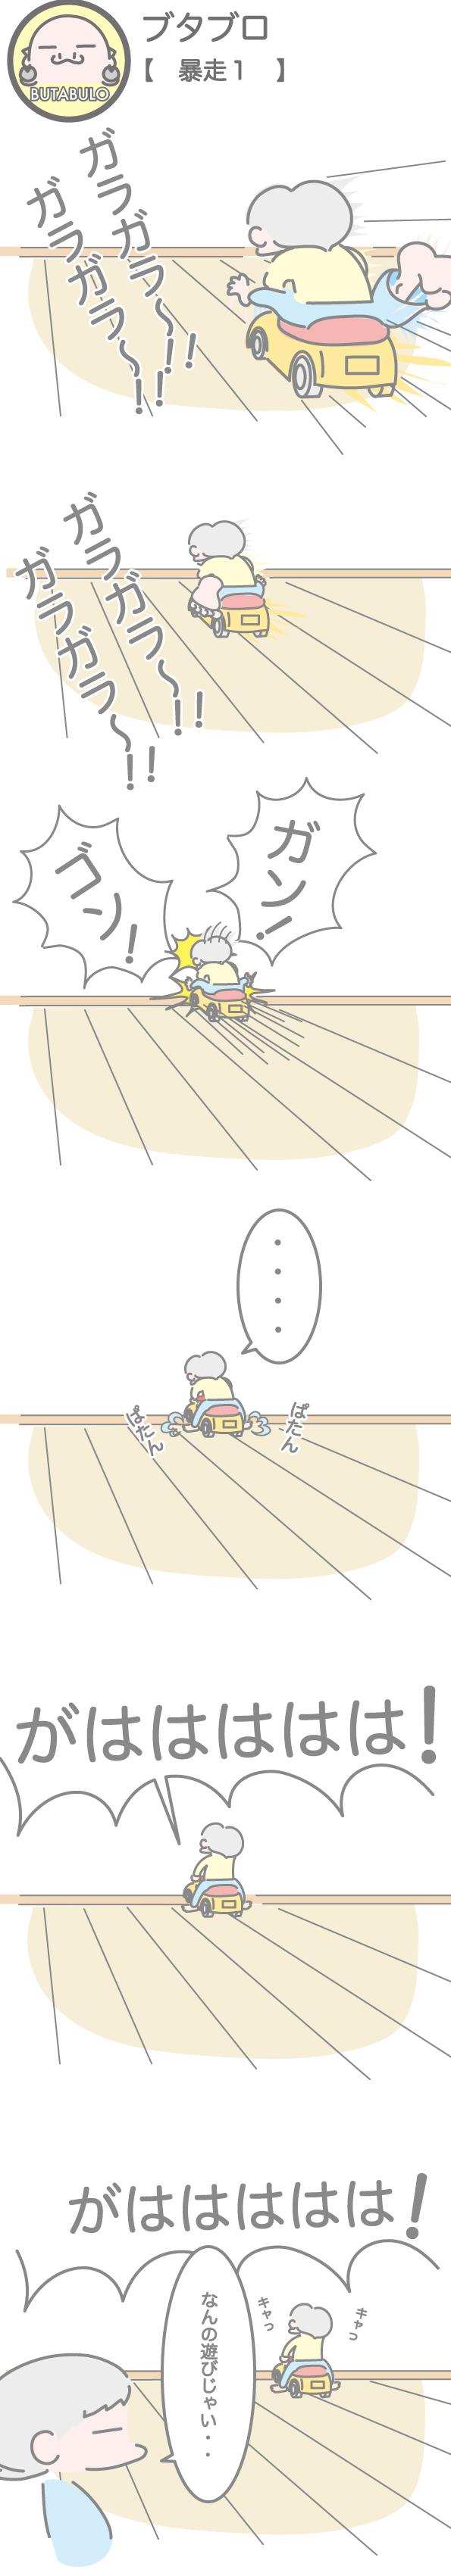 暴走1ブログ